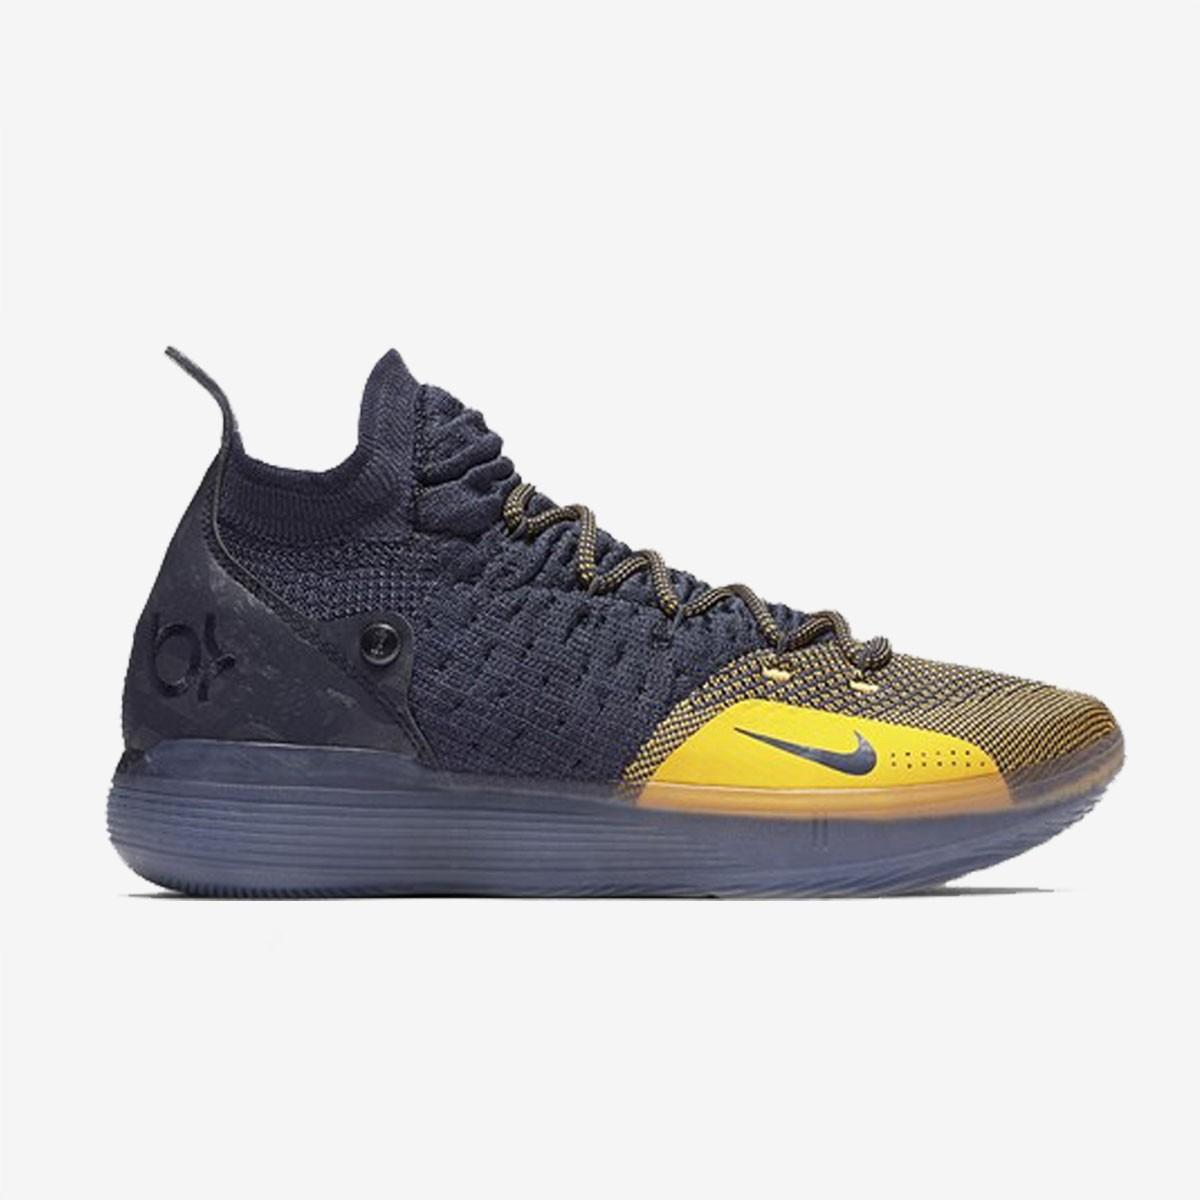 Nike KD 11 'Chinese Zodiac'